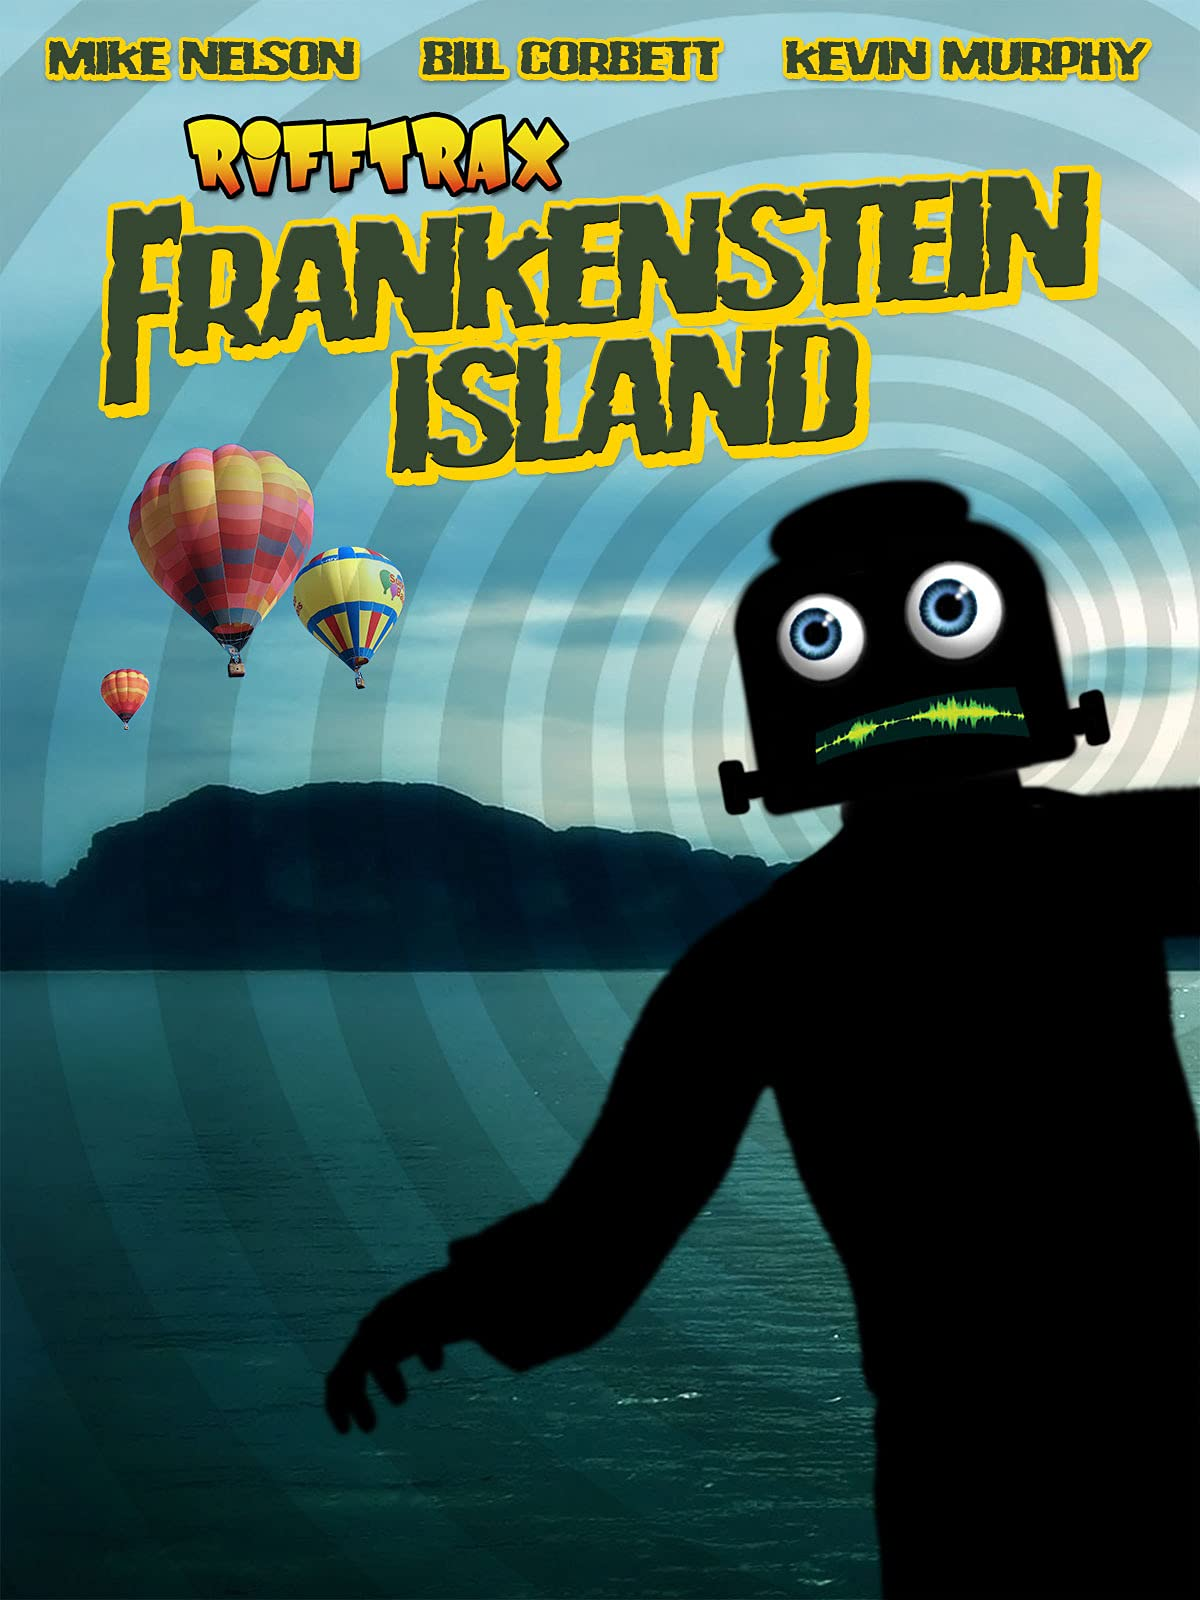 RiffTrax: Frankenstein Island